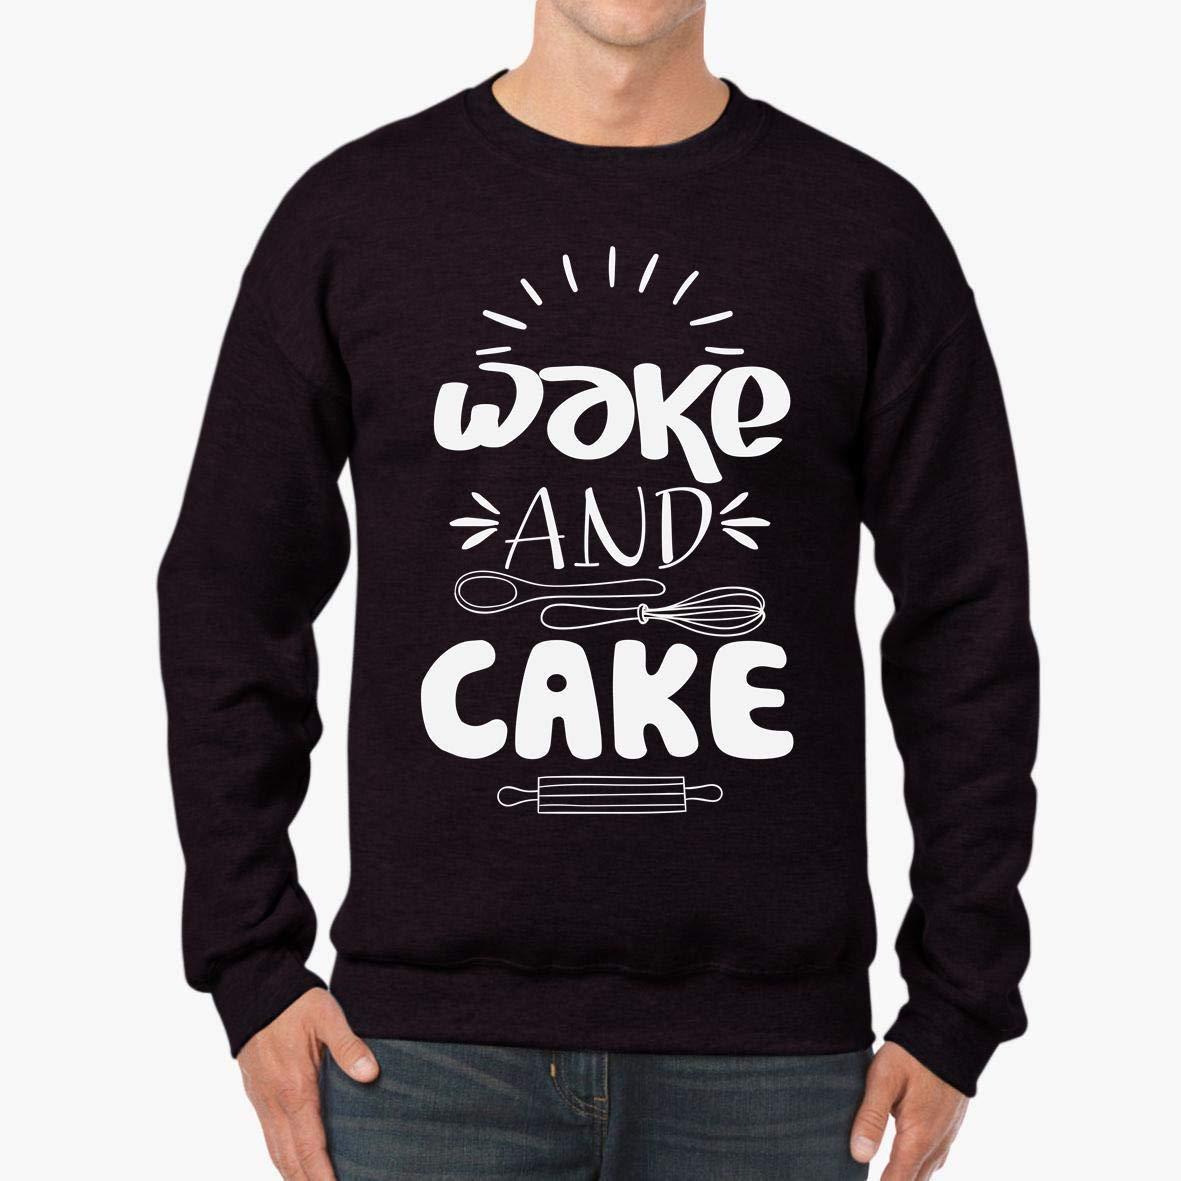 tee Wake Cake Baking Pastry Chef Unisex Sweatshirt